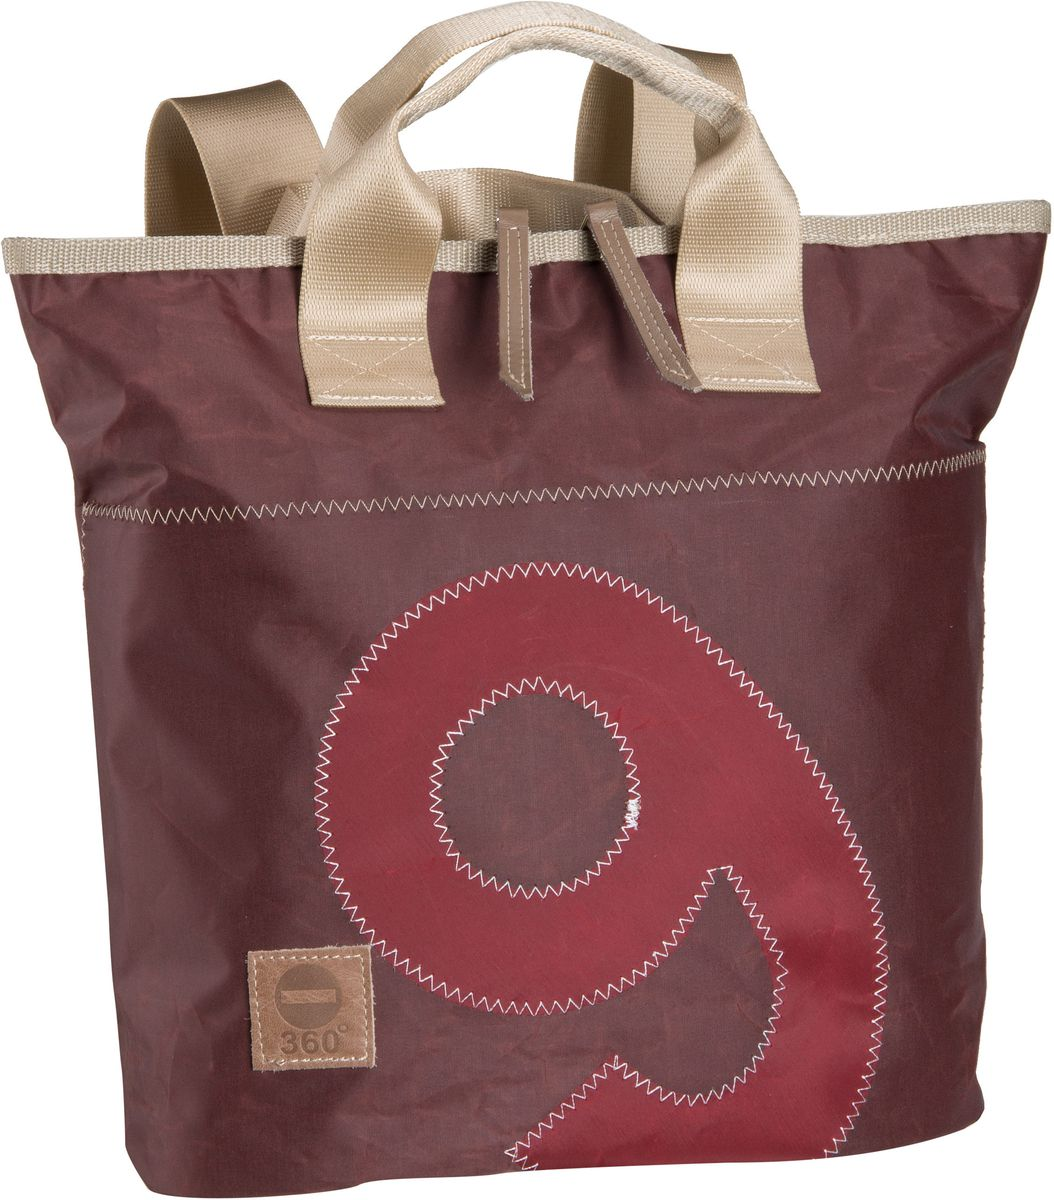 Rucksaecke für Frauen - 360Grad Rucksack Daypack Rucksacktasche Mini Braun mit roter Zahl  - Onlineshop Taschenkaufhaus